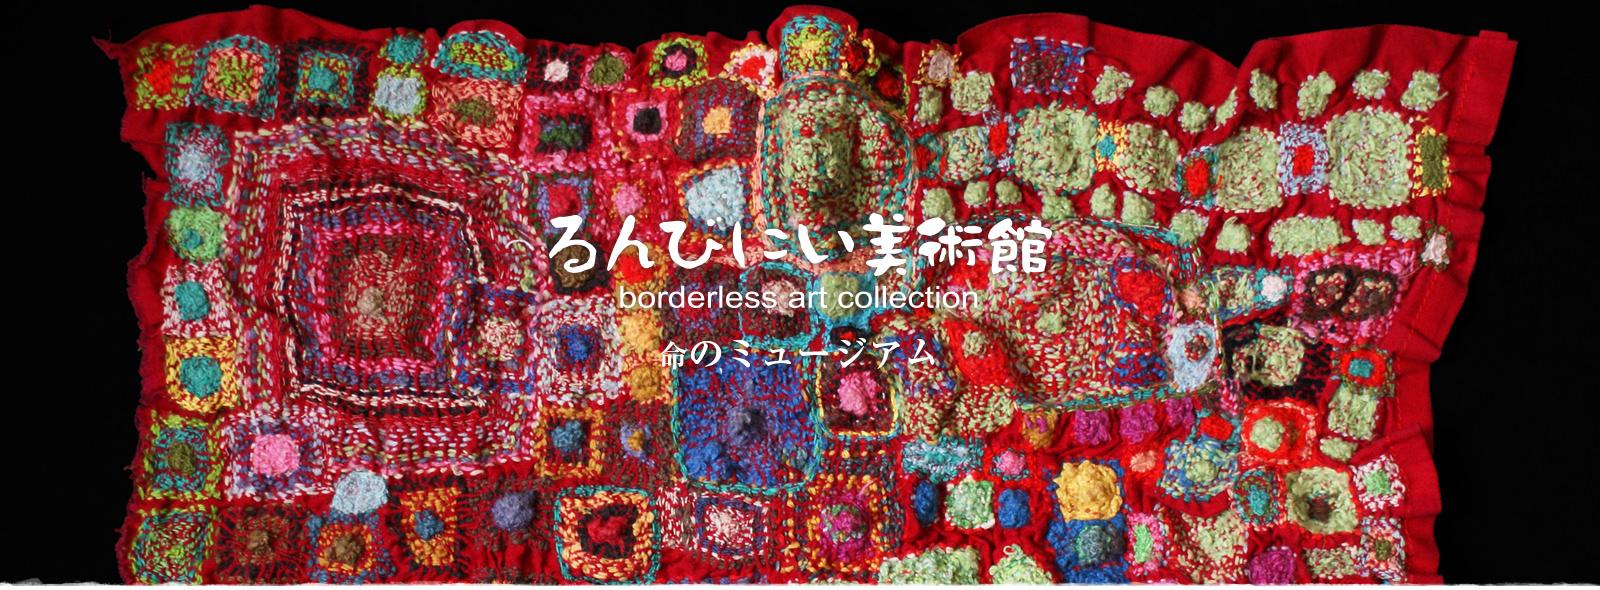 るんびにい美術館サイトの画像